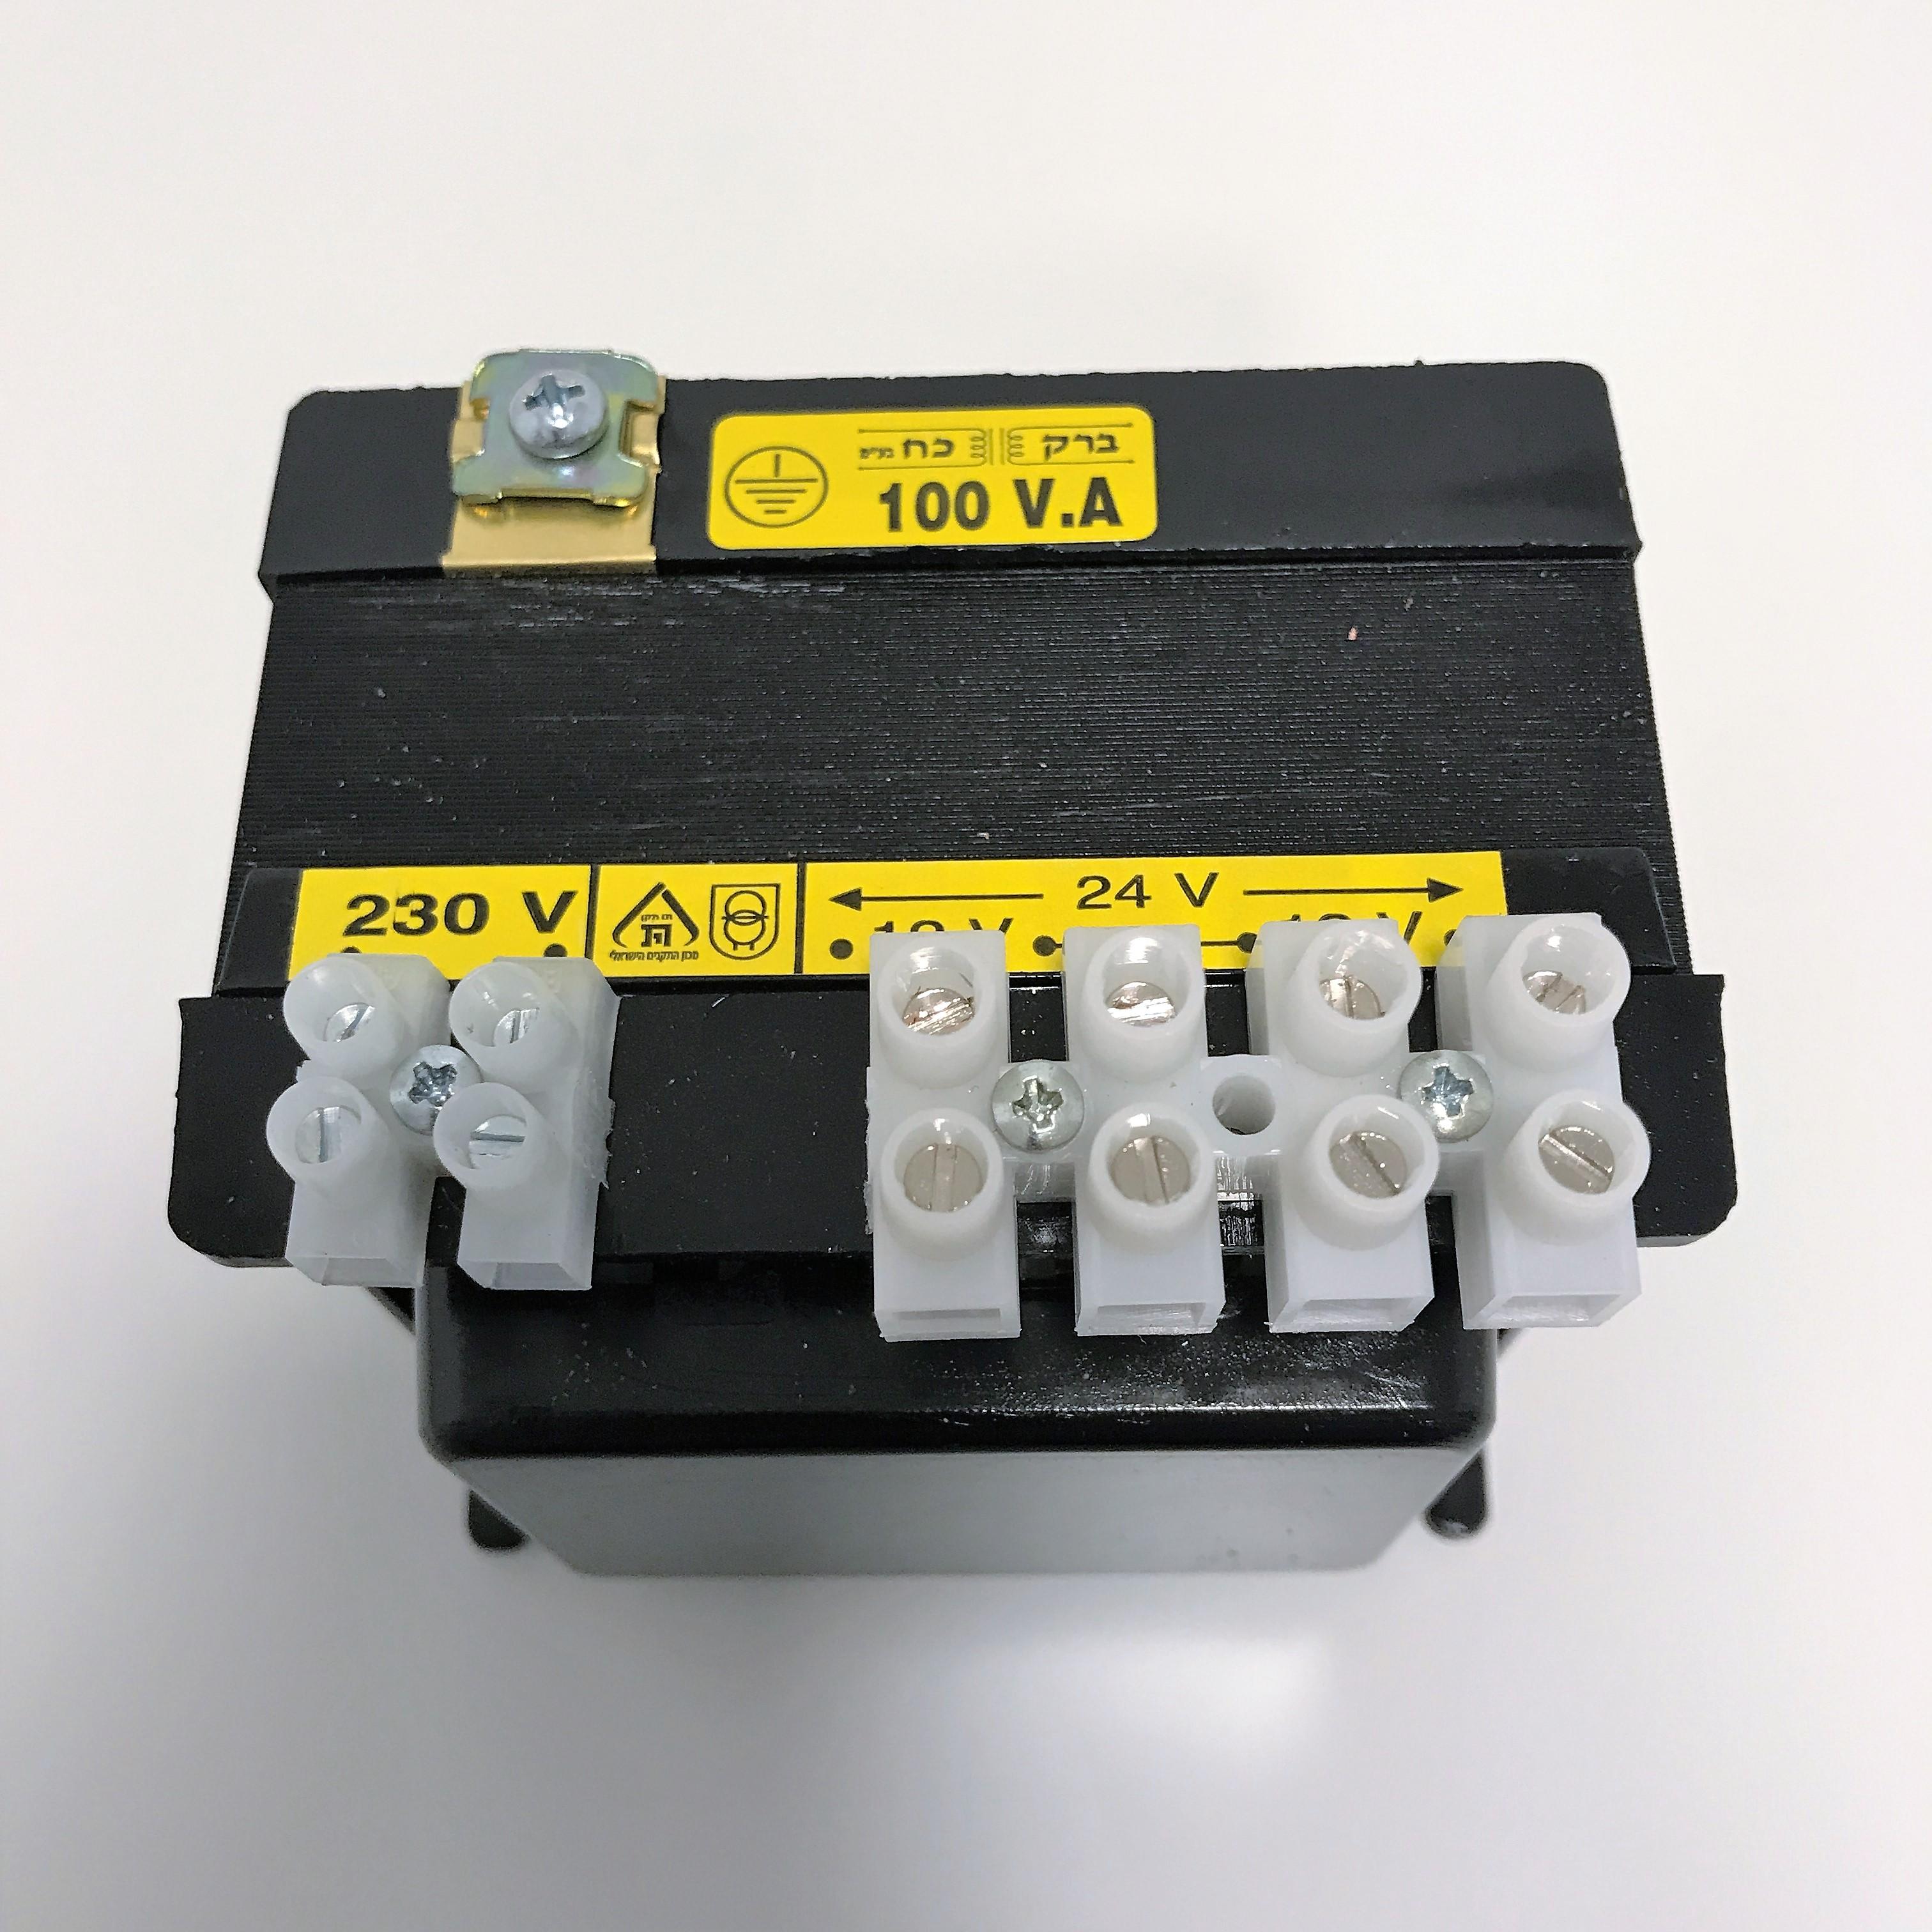 שנאי מבדל בהספק 100VA במתחים 230V-12V+12V